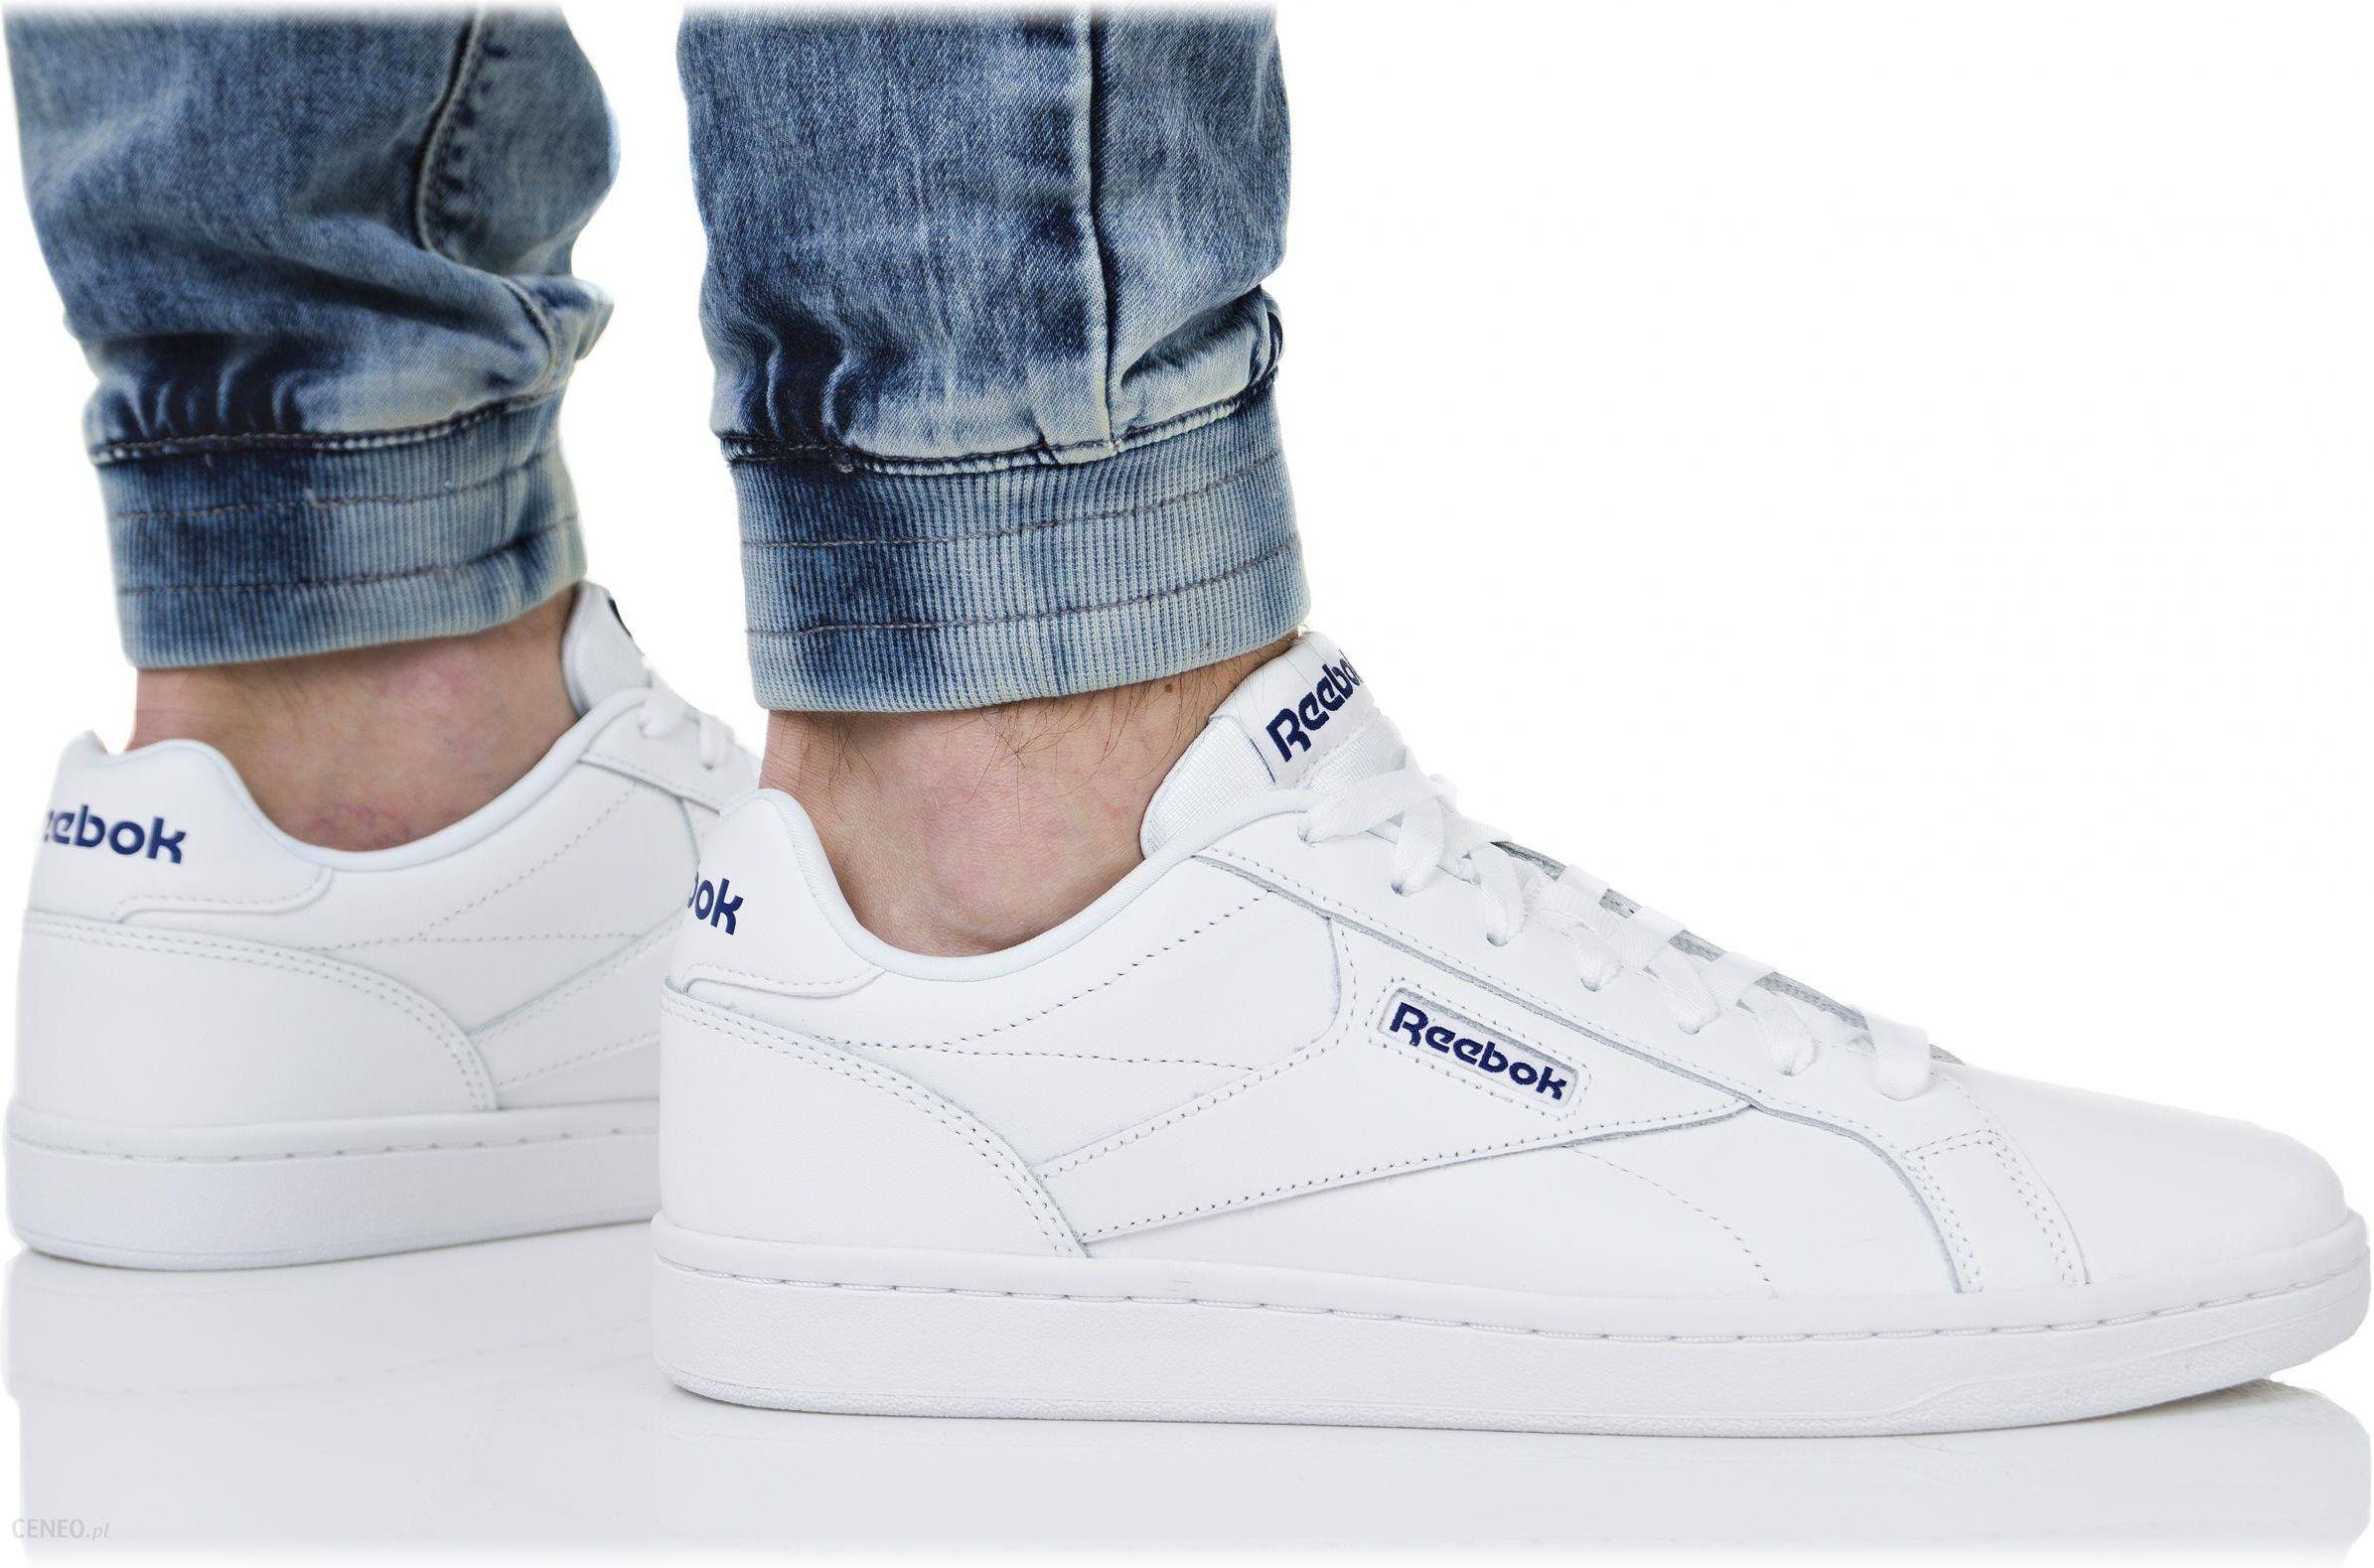 Buty męskie Nike Air Max 90 białe 302519 113 Ceny i opinie Ceneo.pl